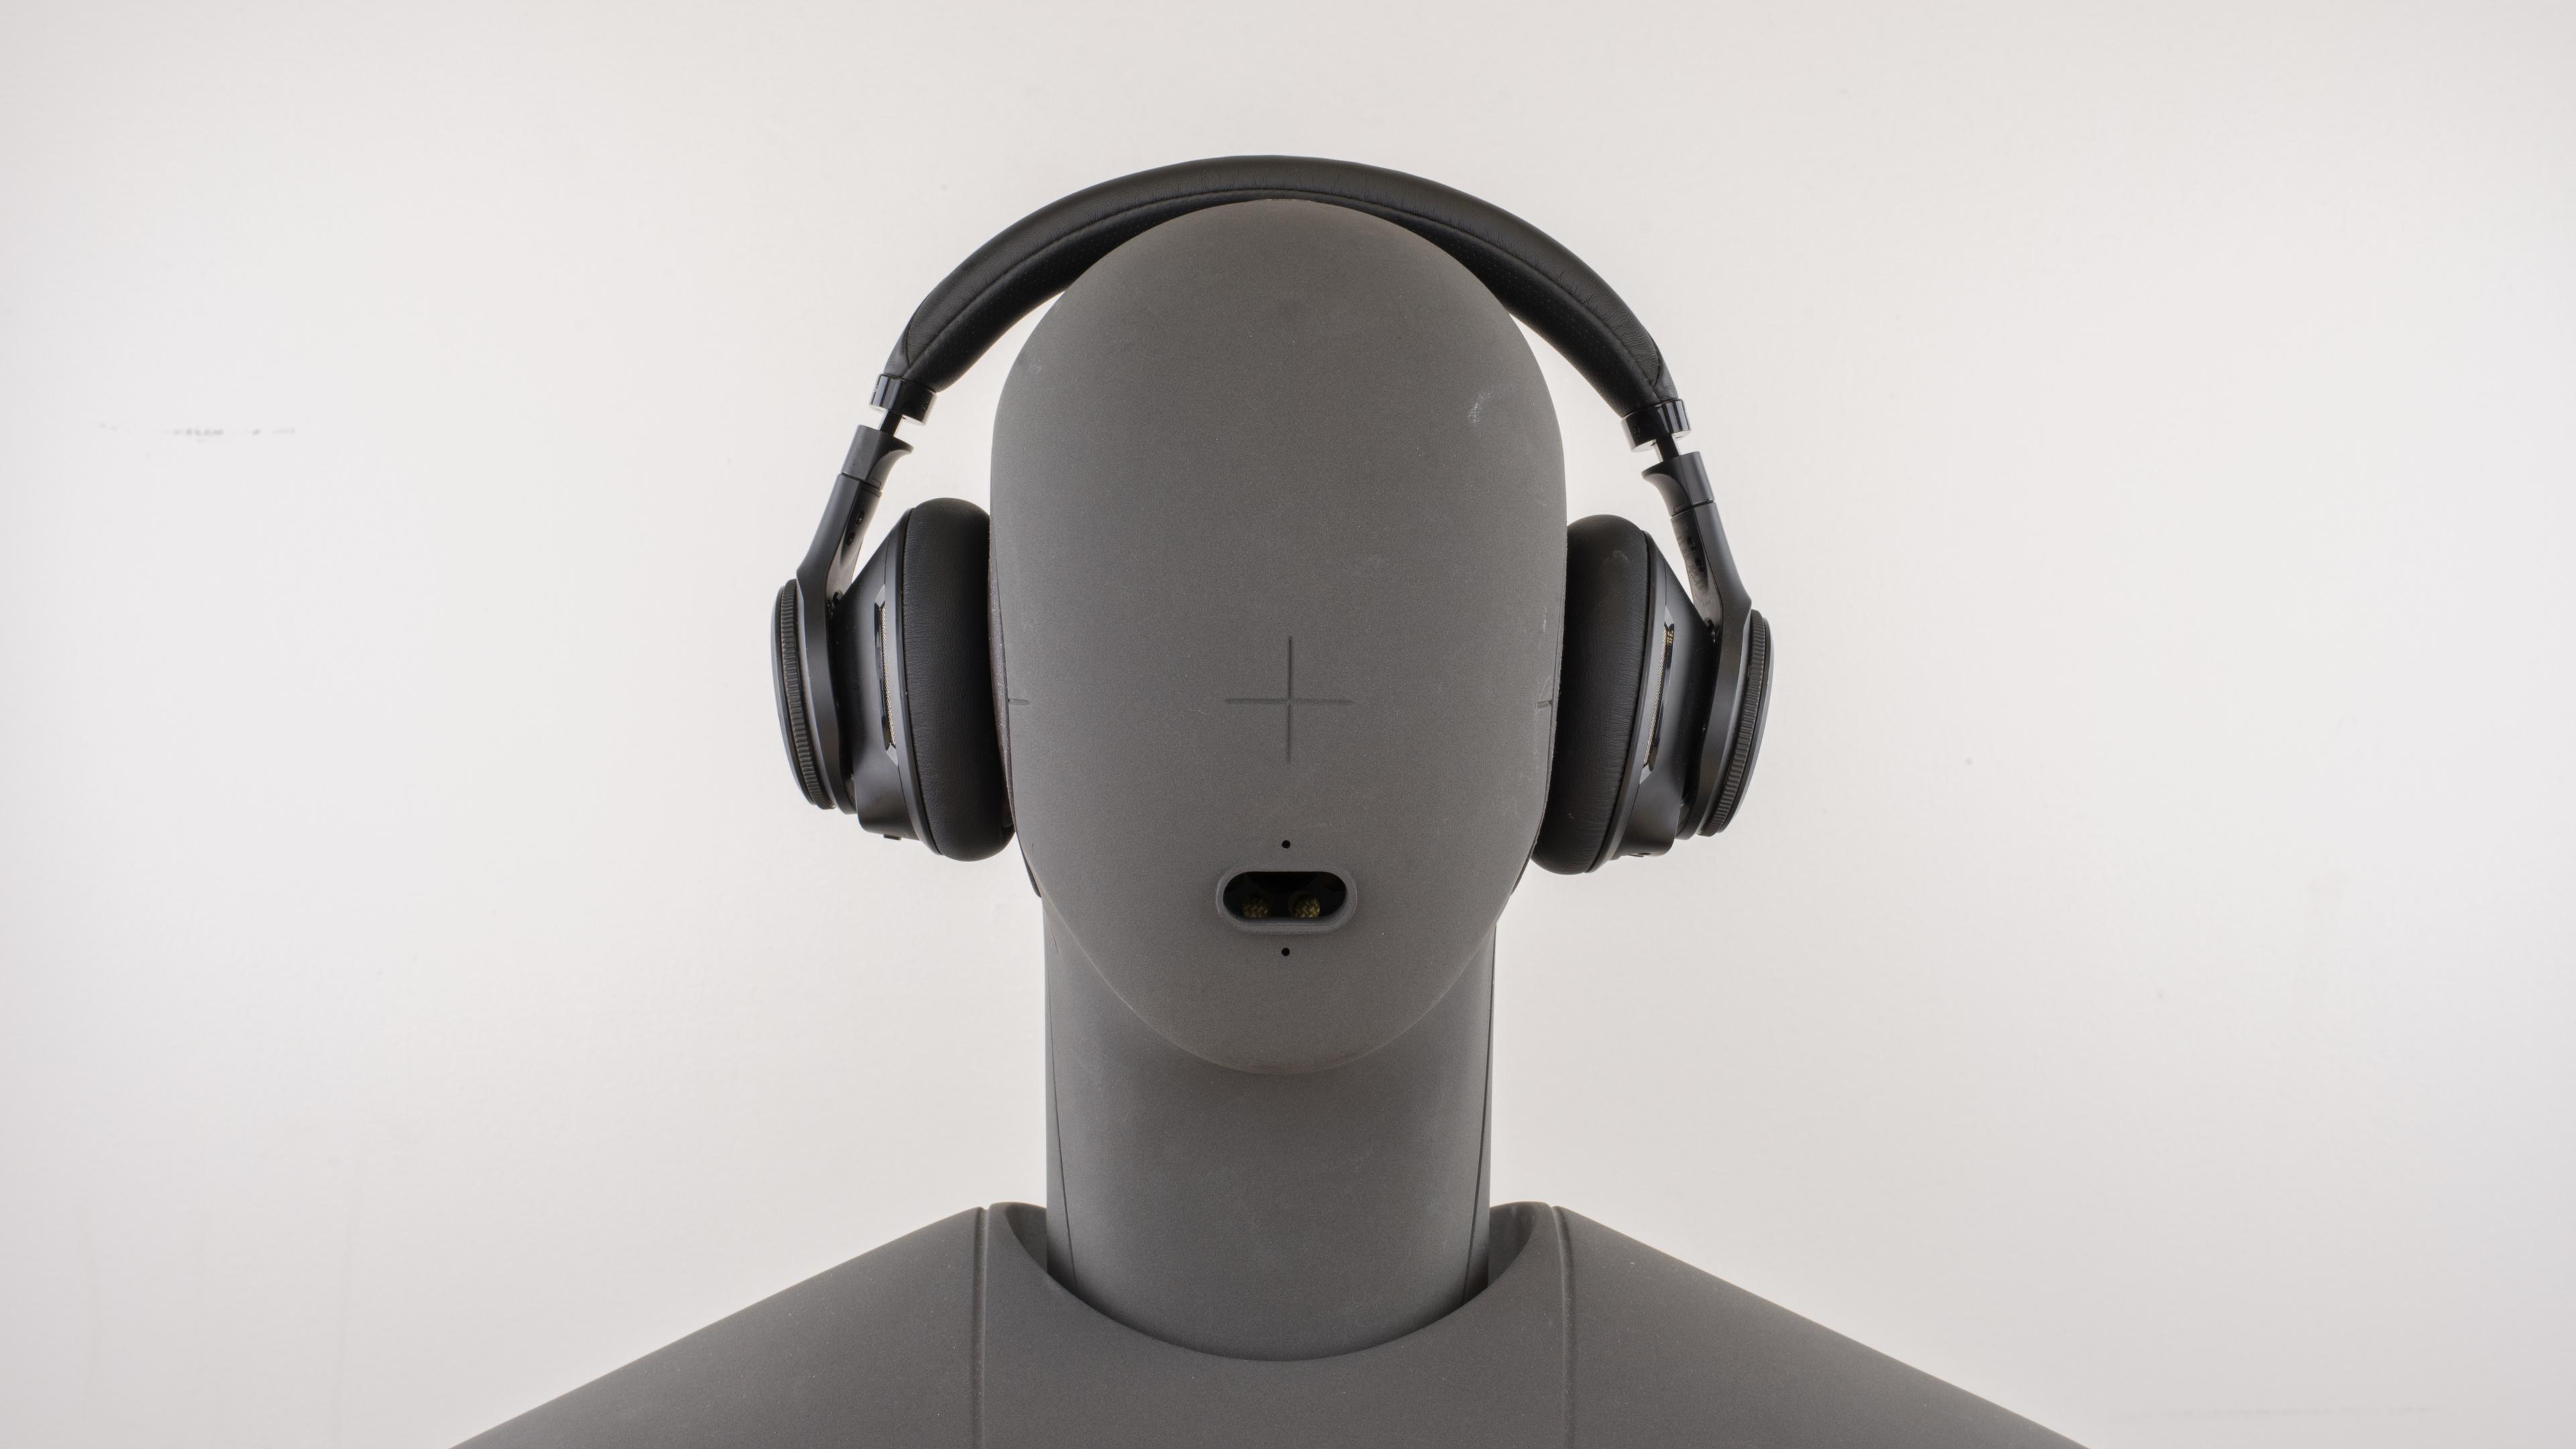 how to clean sennheiser earphones